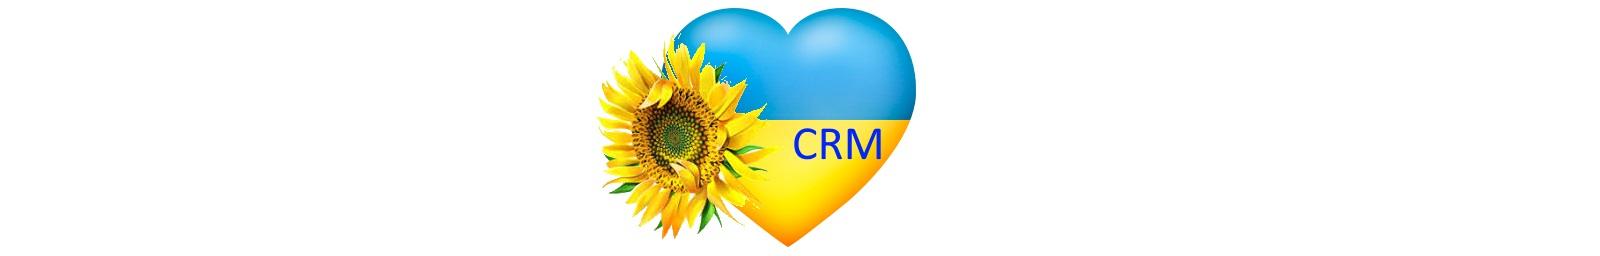 Битрикс24 стал одной из самых распространенных CRM в Украине